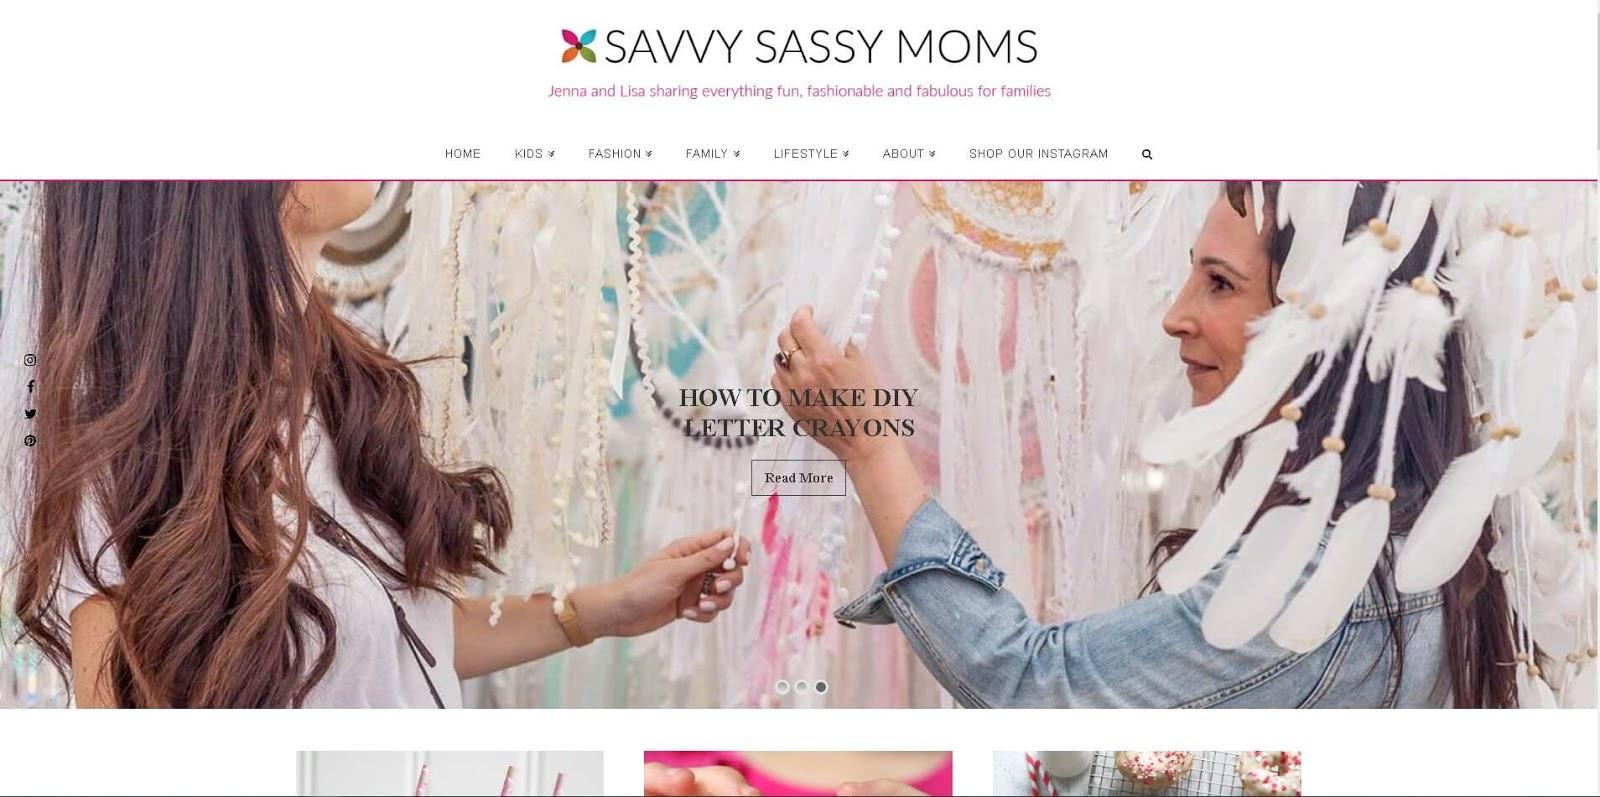 luchshie-blogi-mam-glavnaya-stranicza-savvy-sassy-moms-skrinshot